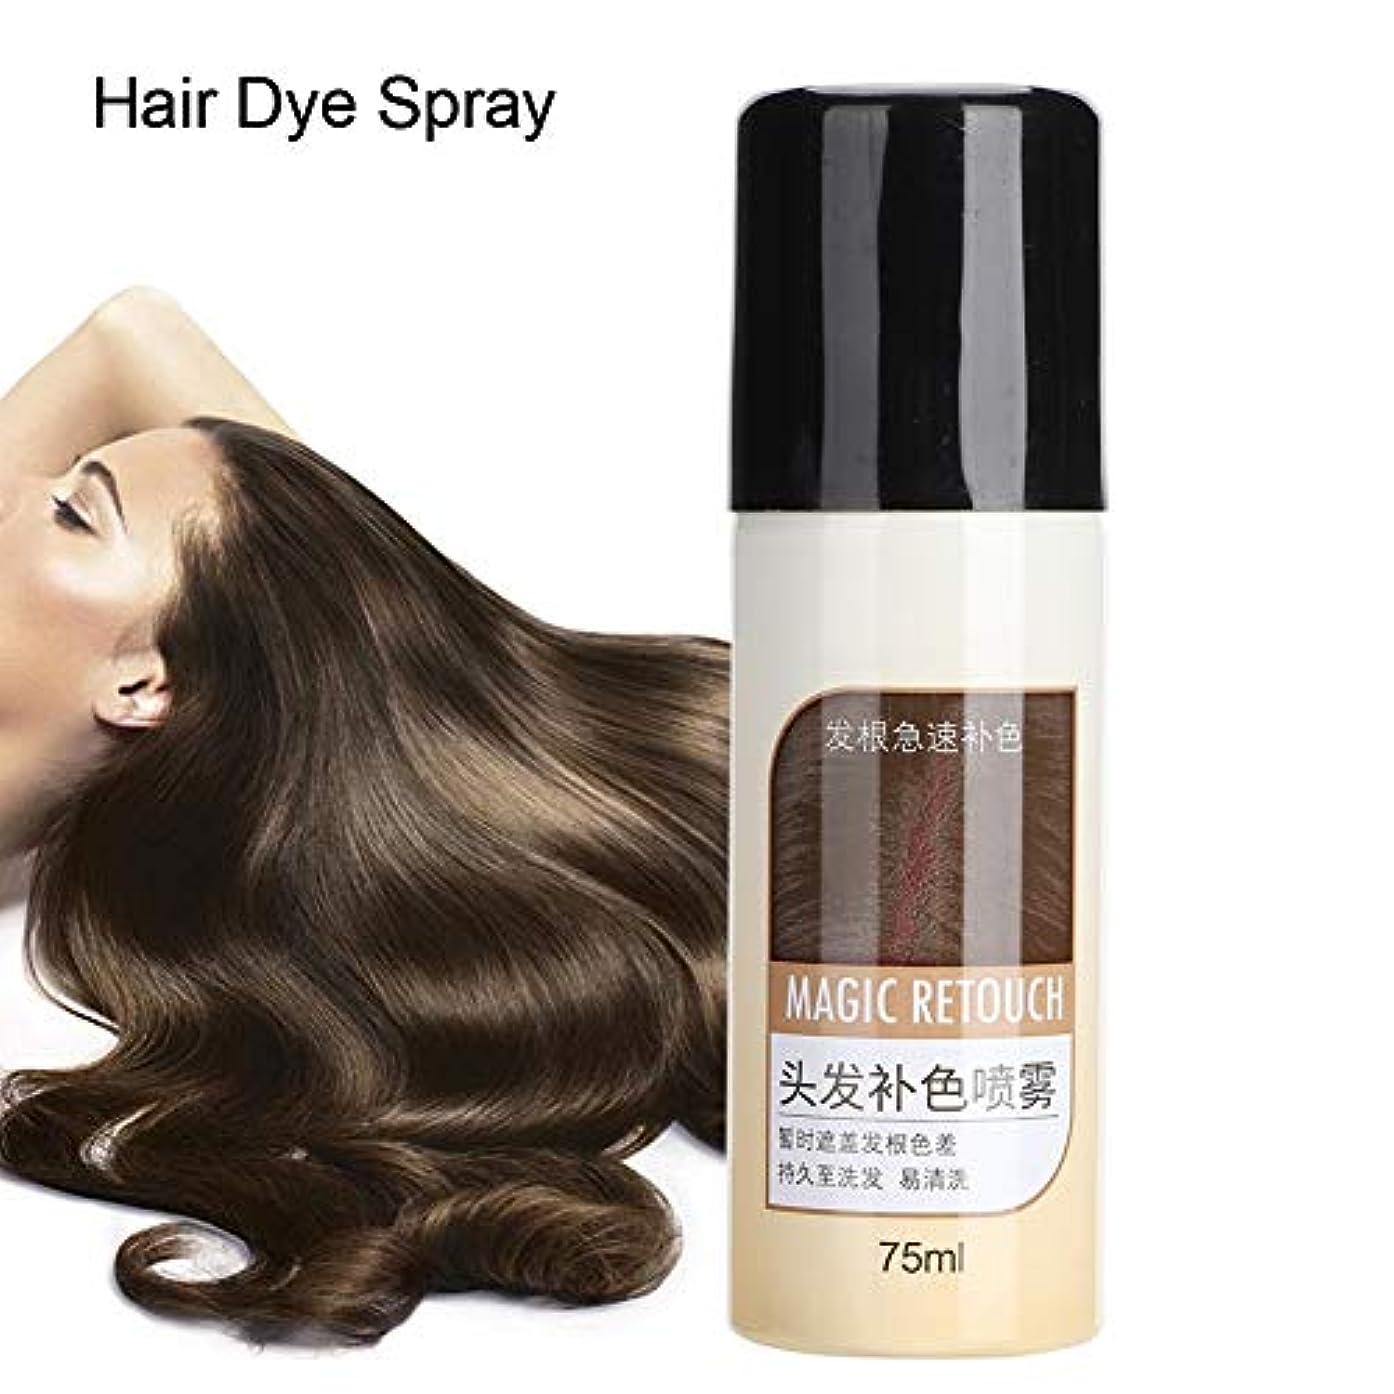 石灰岩論理的にセラフヘアダイ、べたつかないマットヘアスタイル栄養補給用洗えるスプレーカバー白髪用長続きするカラー染料750ml (#1)